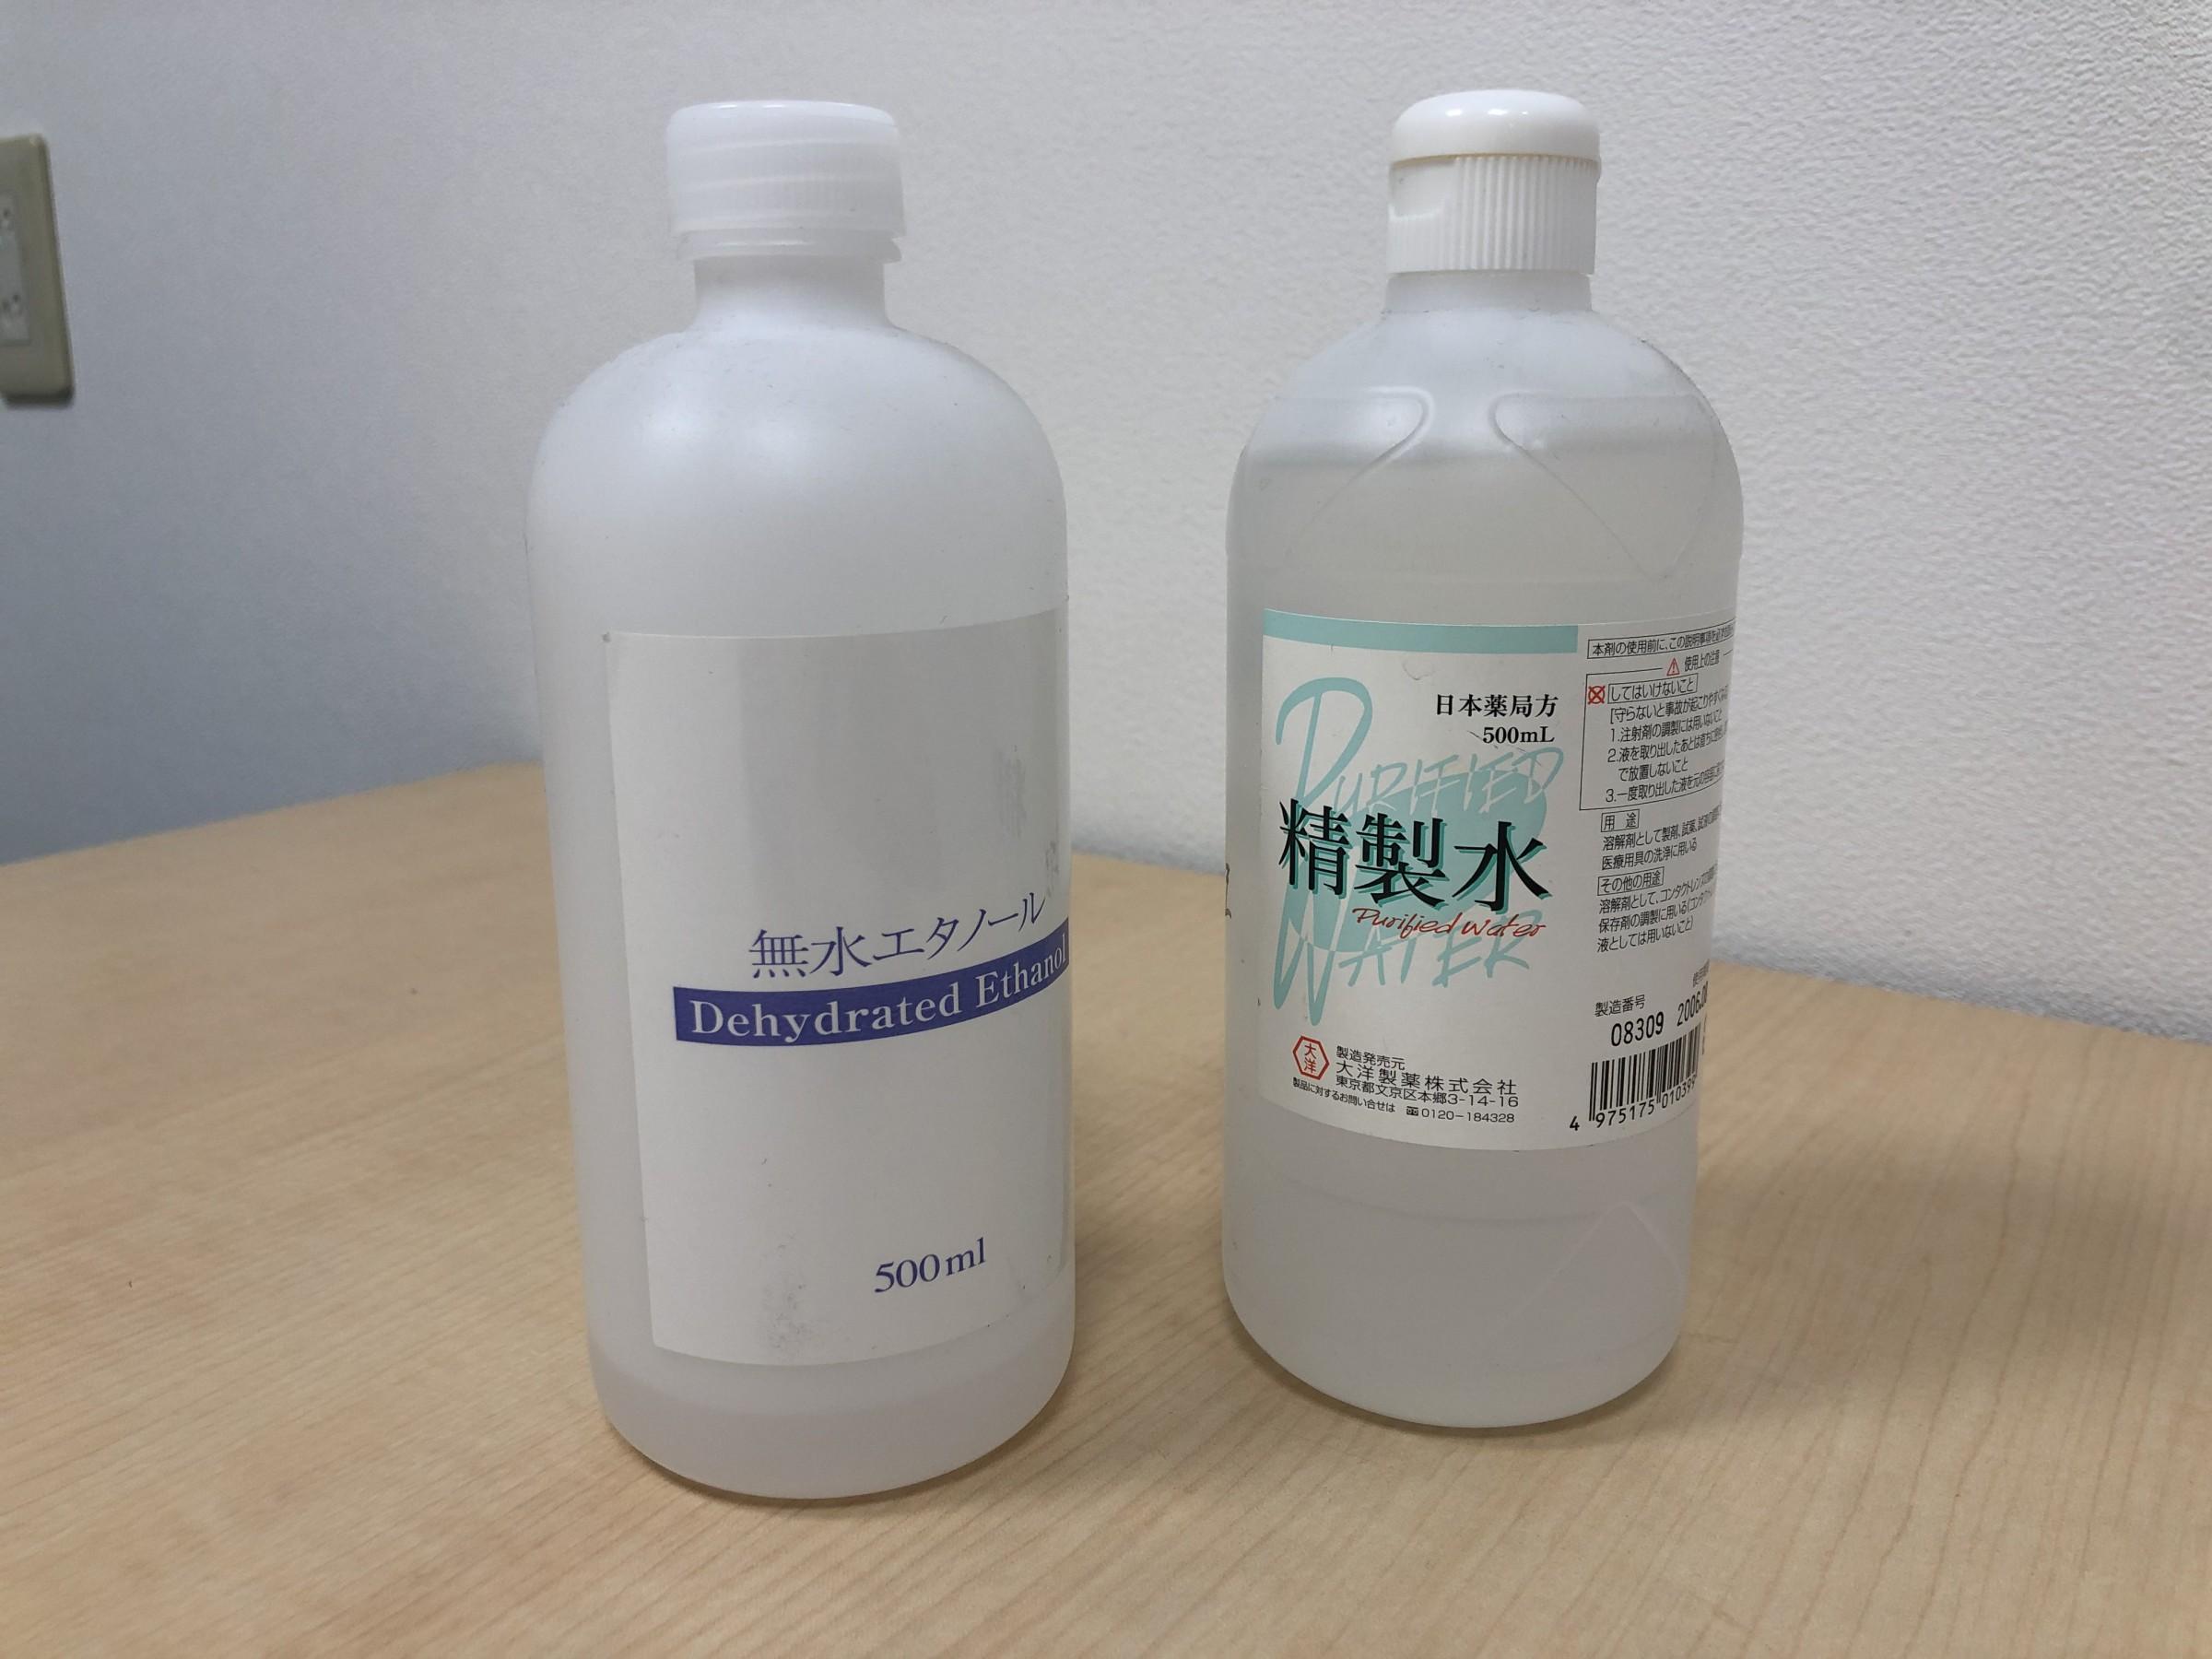 コロナ 消毒 液 の 作り方